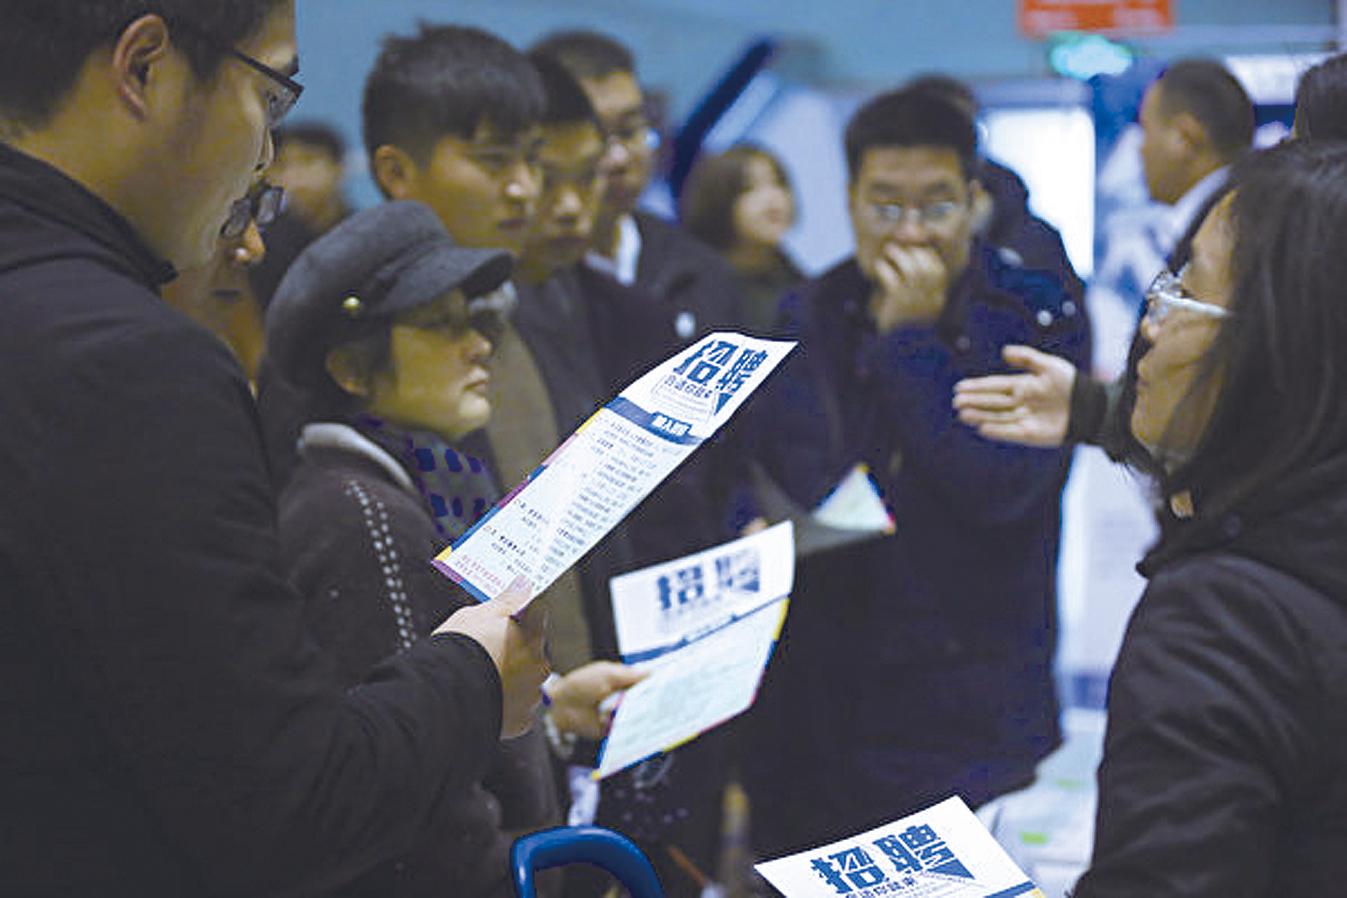 中國人民大學報告顯示2019年第一季中國就業市場景氣指數創2014年以來新低。圖為大陸一招聘市場。(大紀元資料室)